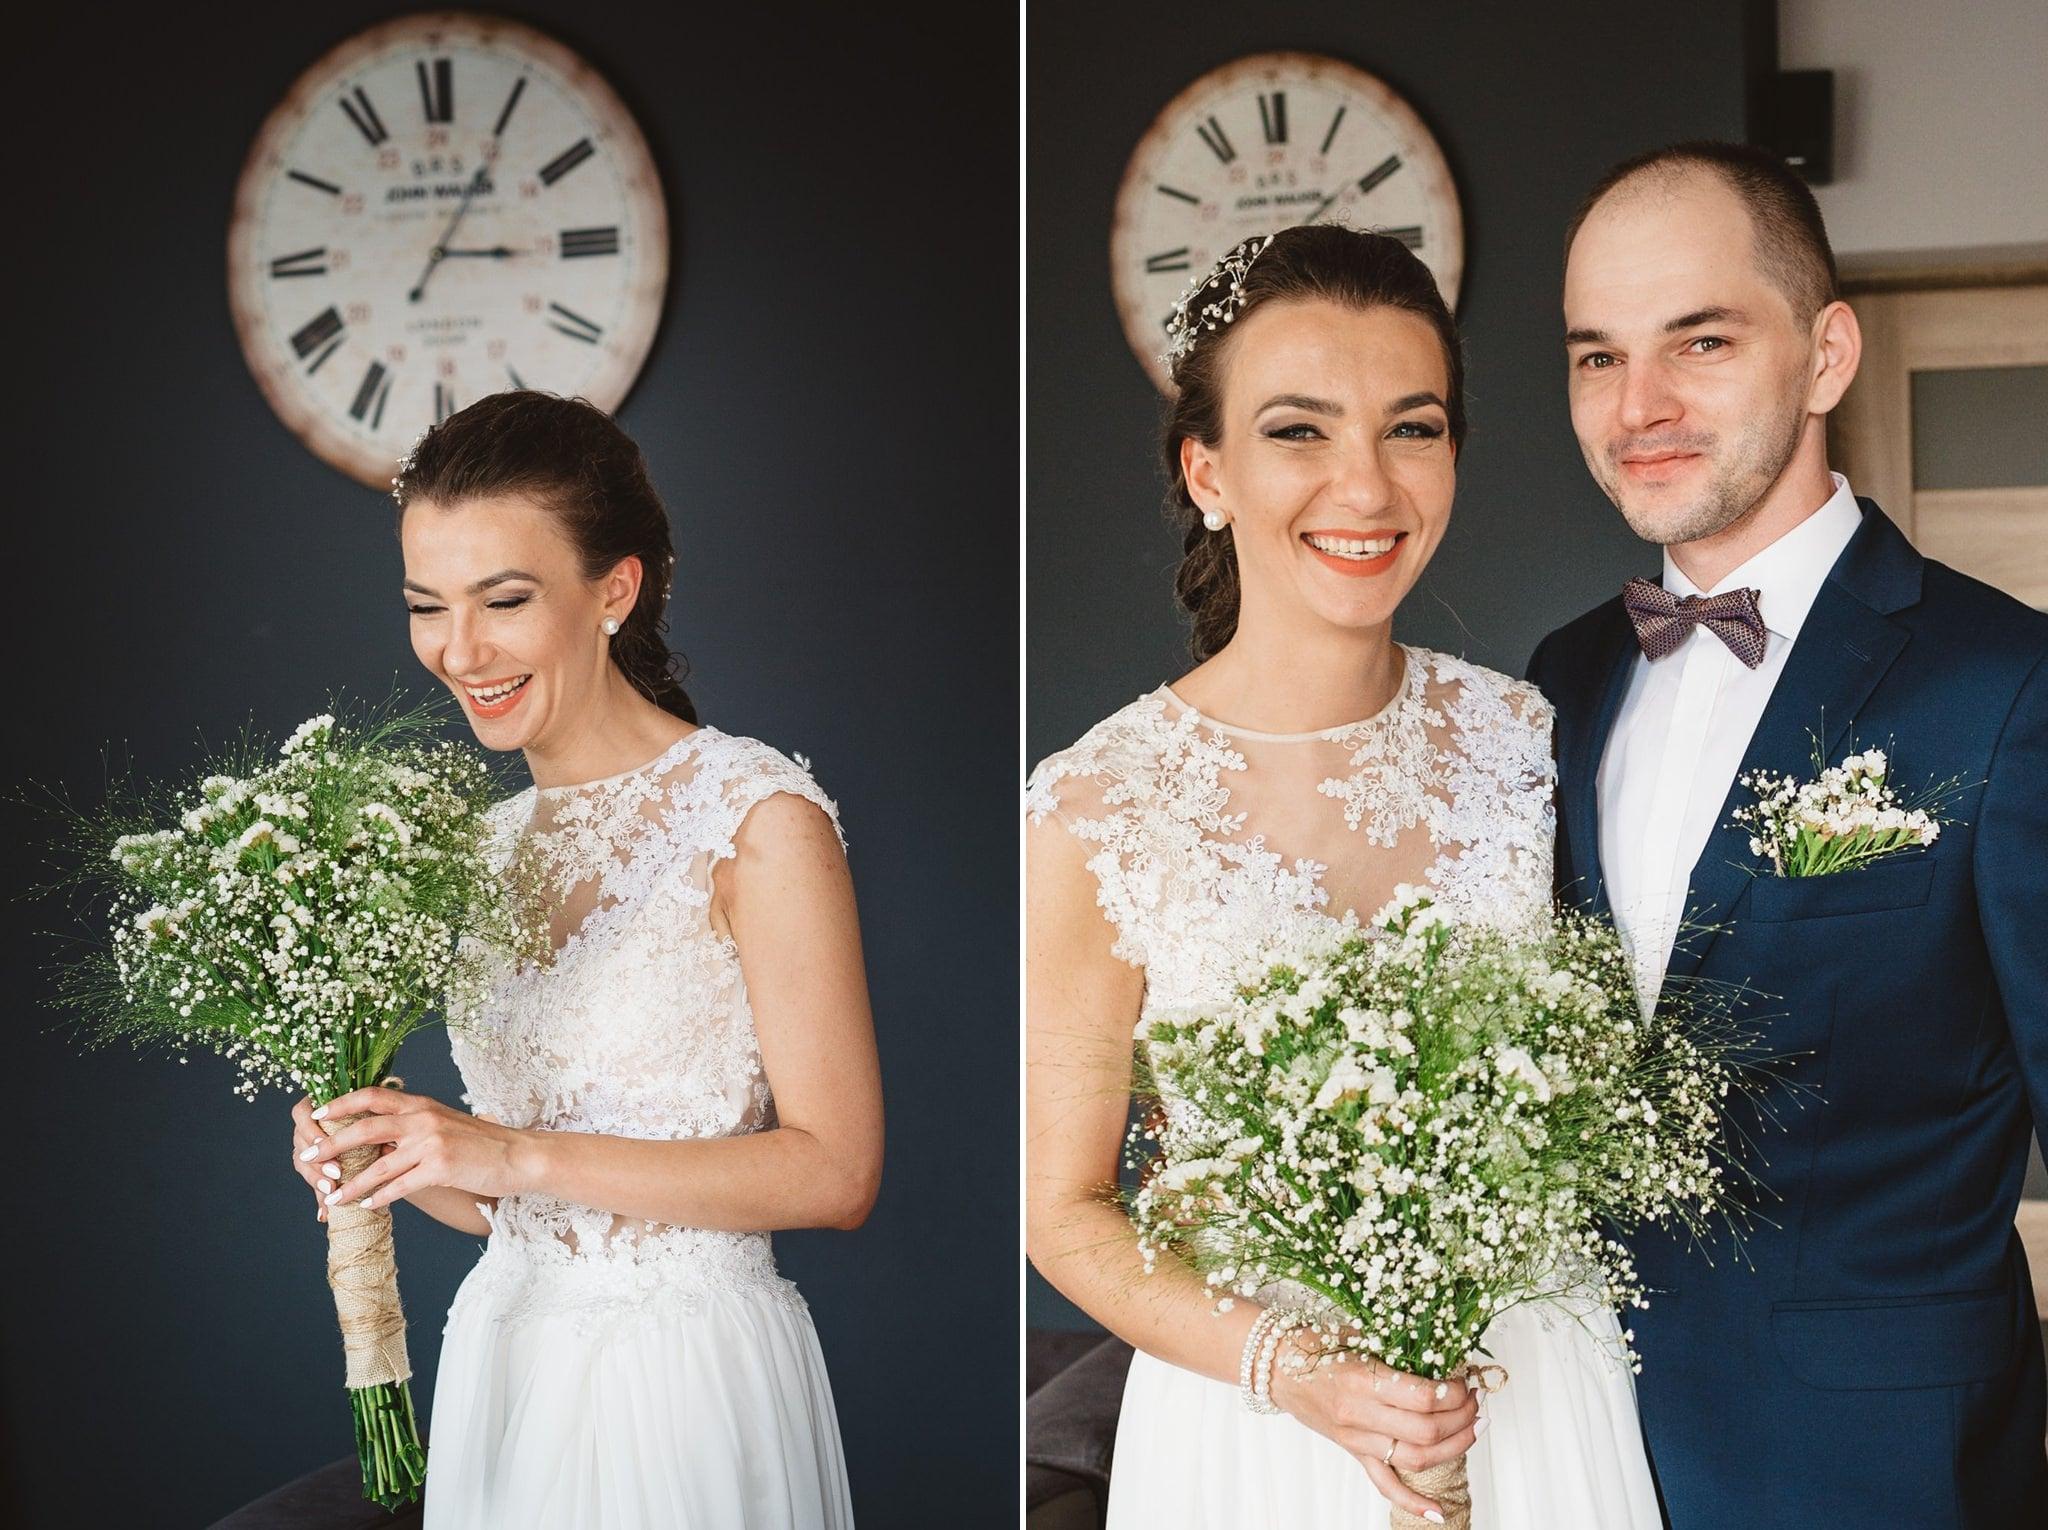 Ala i Arek, czyli jak zorganizować ślub i wesele w 4 tygodnie! 51